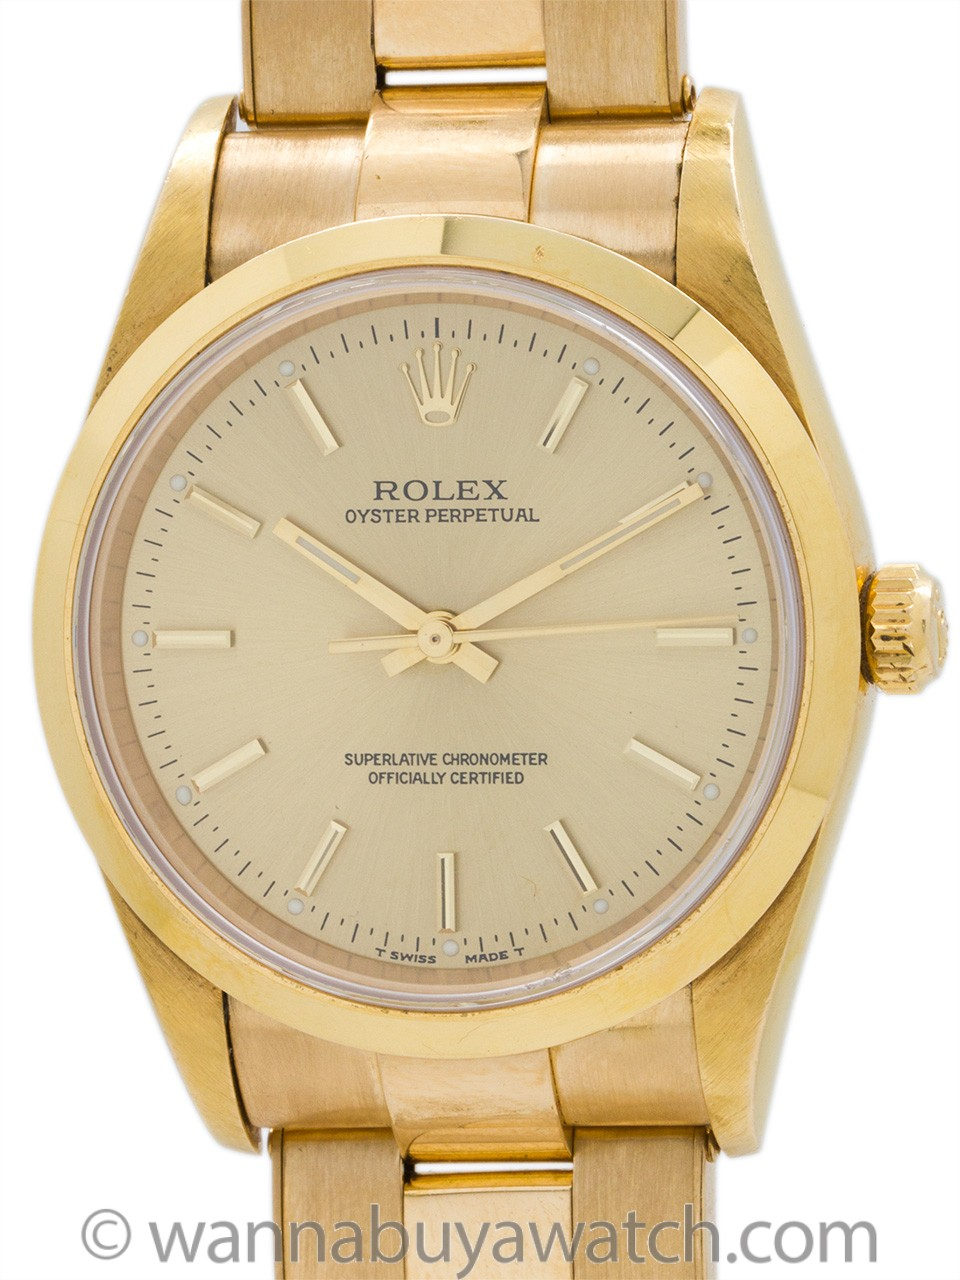 Rolex 18K YG Oyster Perpetual ref 14208 circa 1997